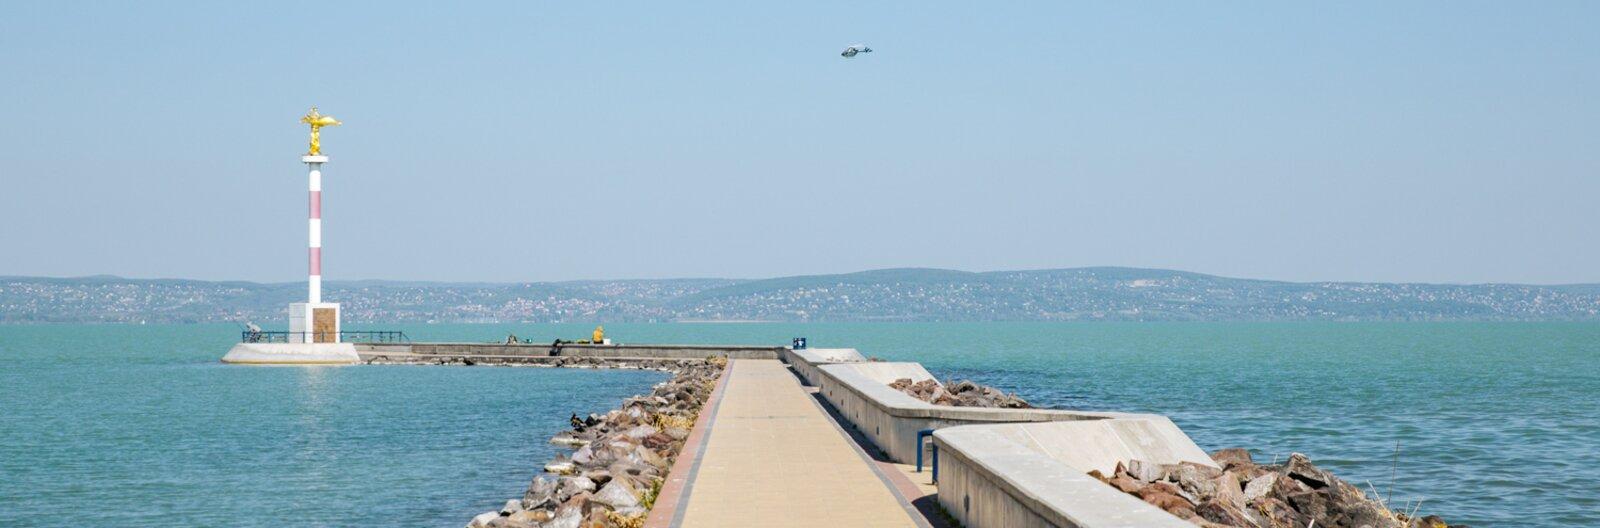 Amikor a béke kiszorítja a bulit a partról – 7 program a télvégi Siófokon